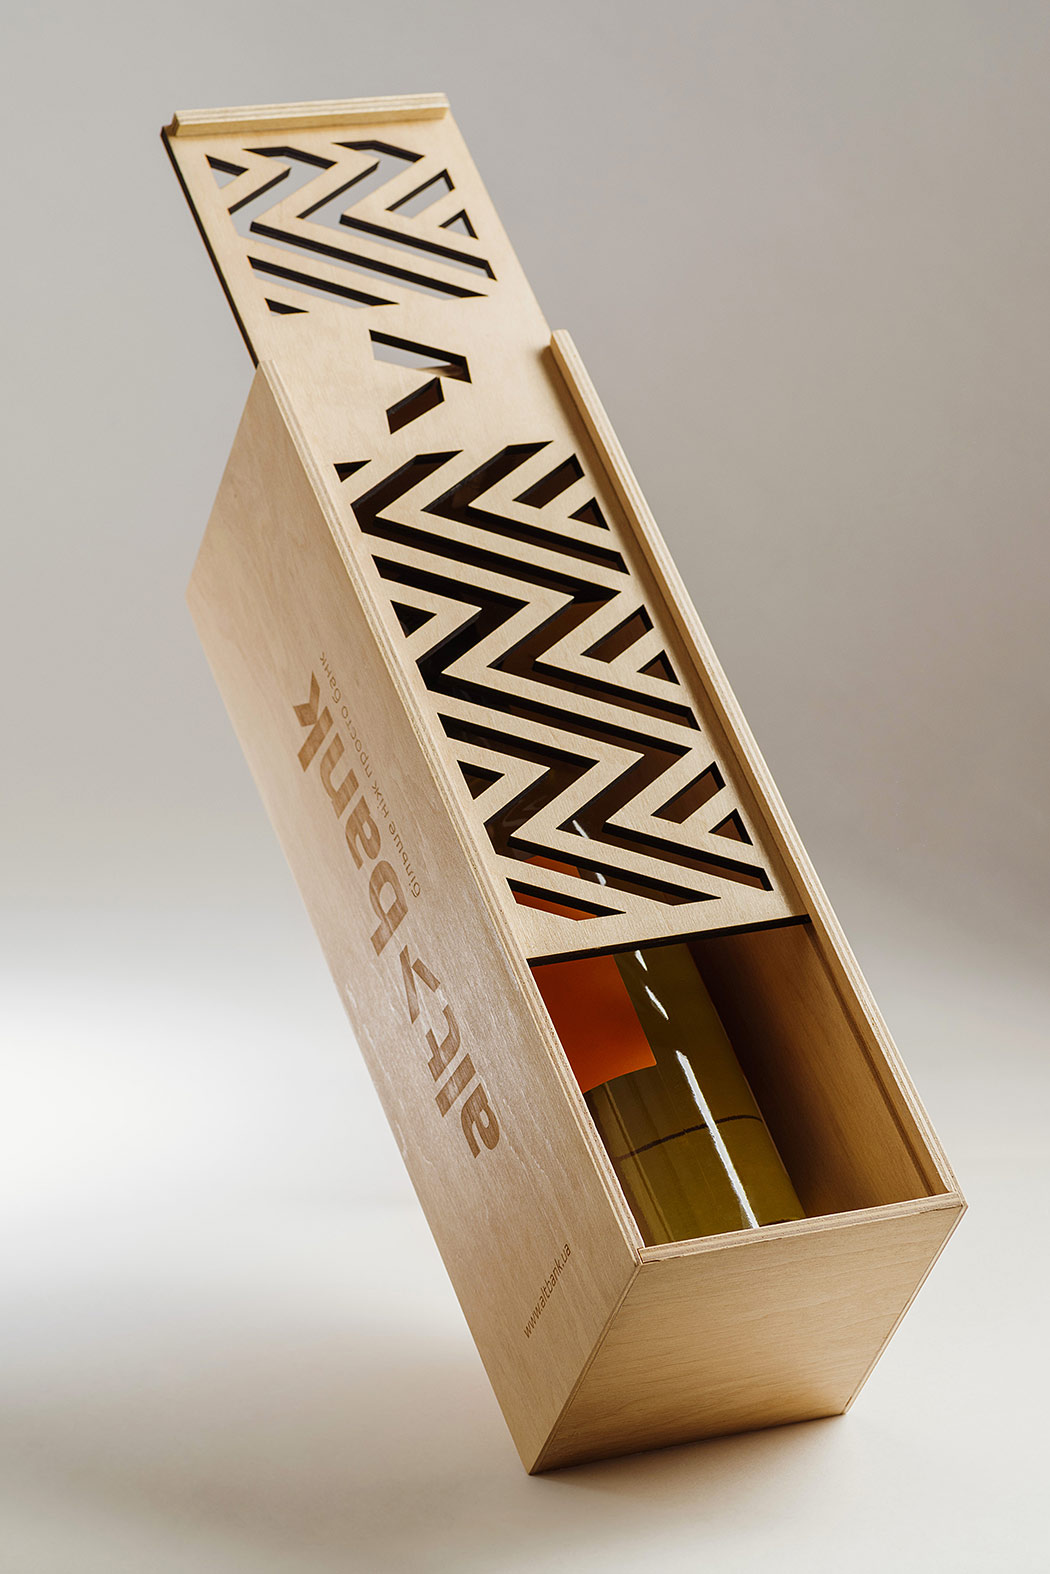 Коробка для вина из фанеры с логотипом Altbank. Подарочная упаковка банка Альтбанк.